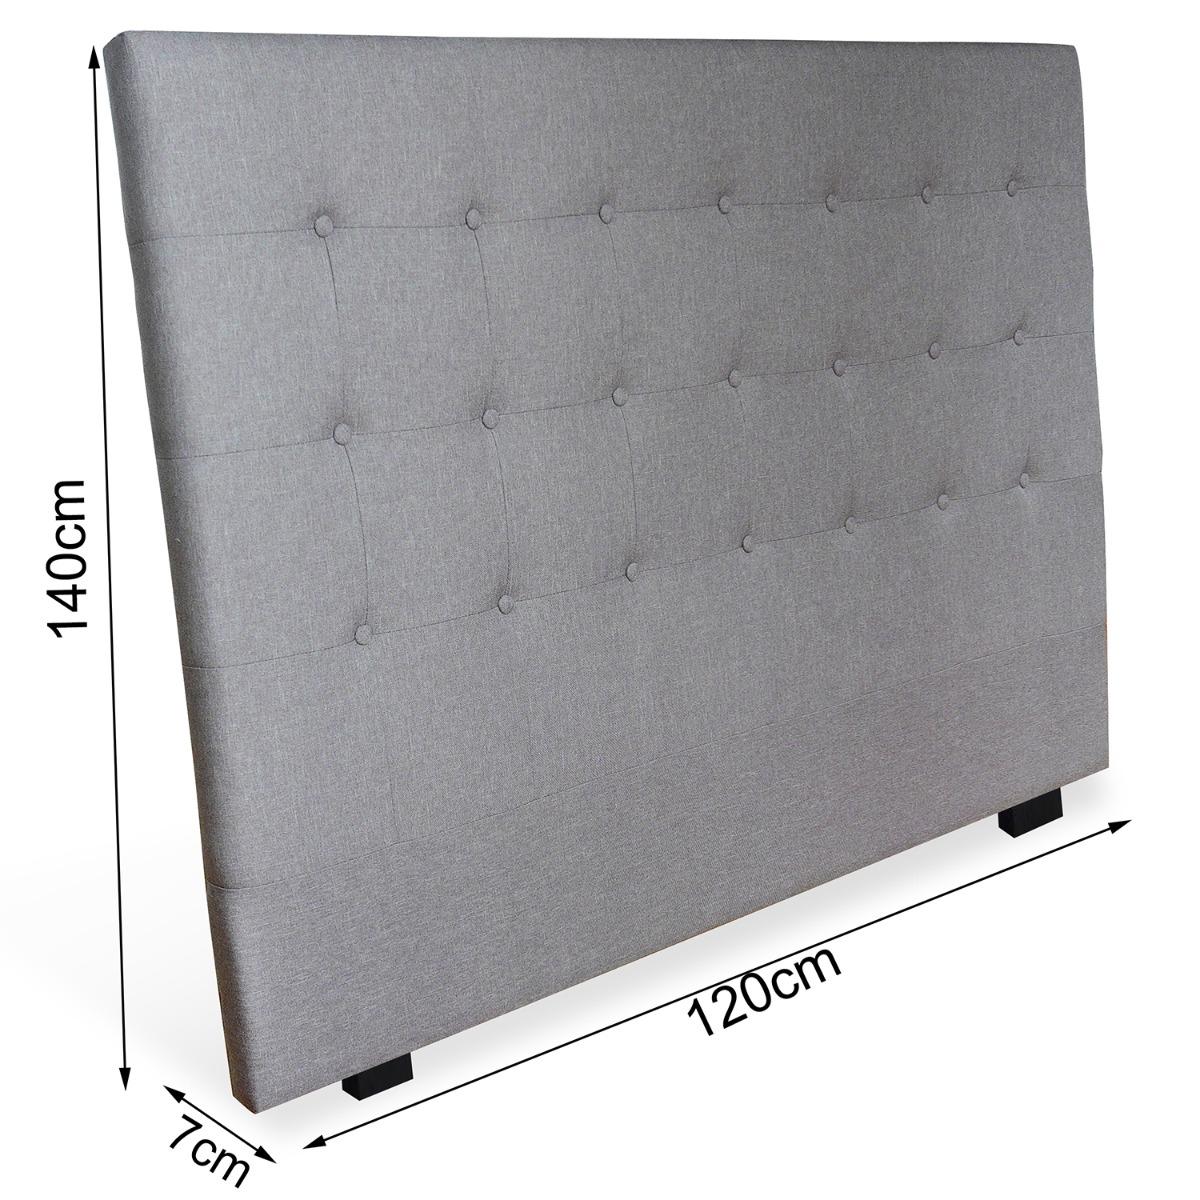 Tête de lit Luxor 160cm Beige